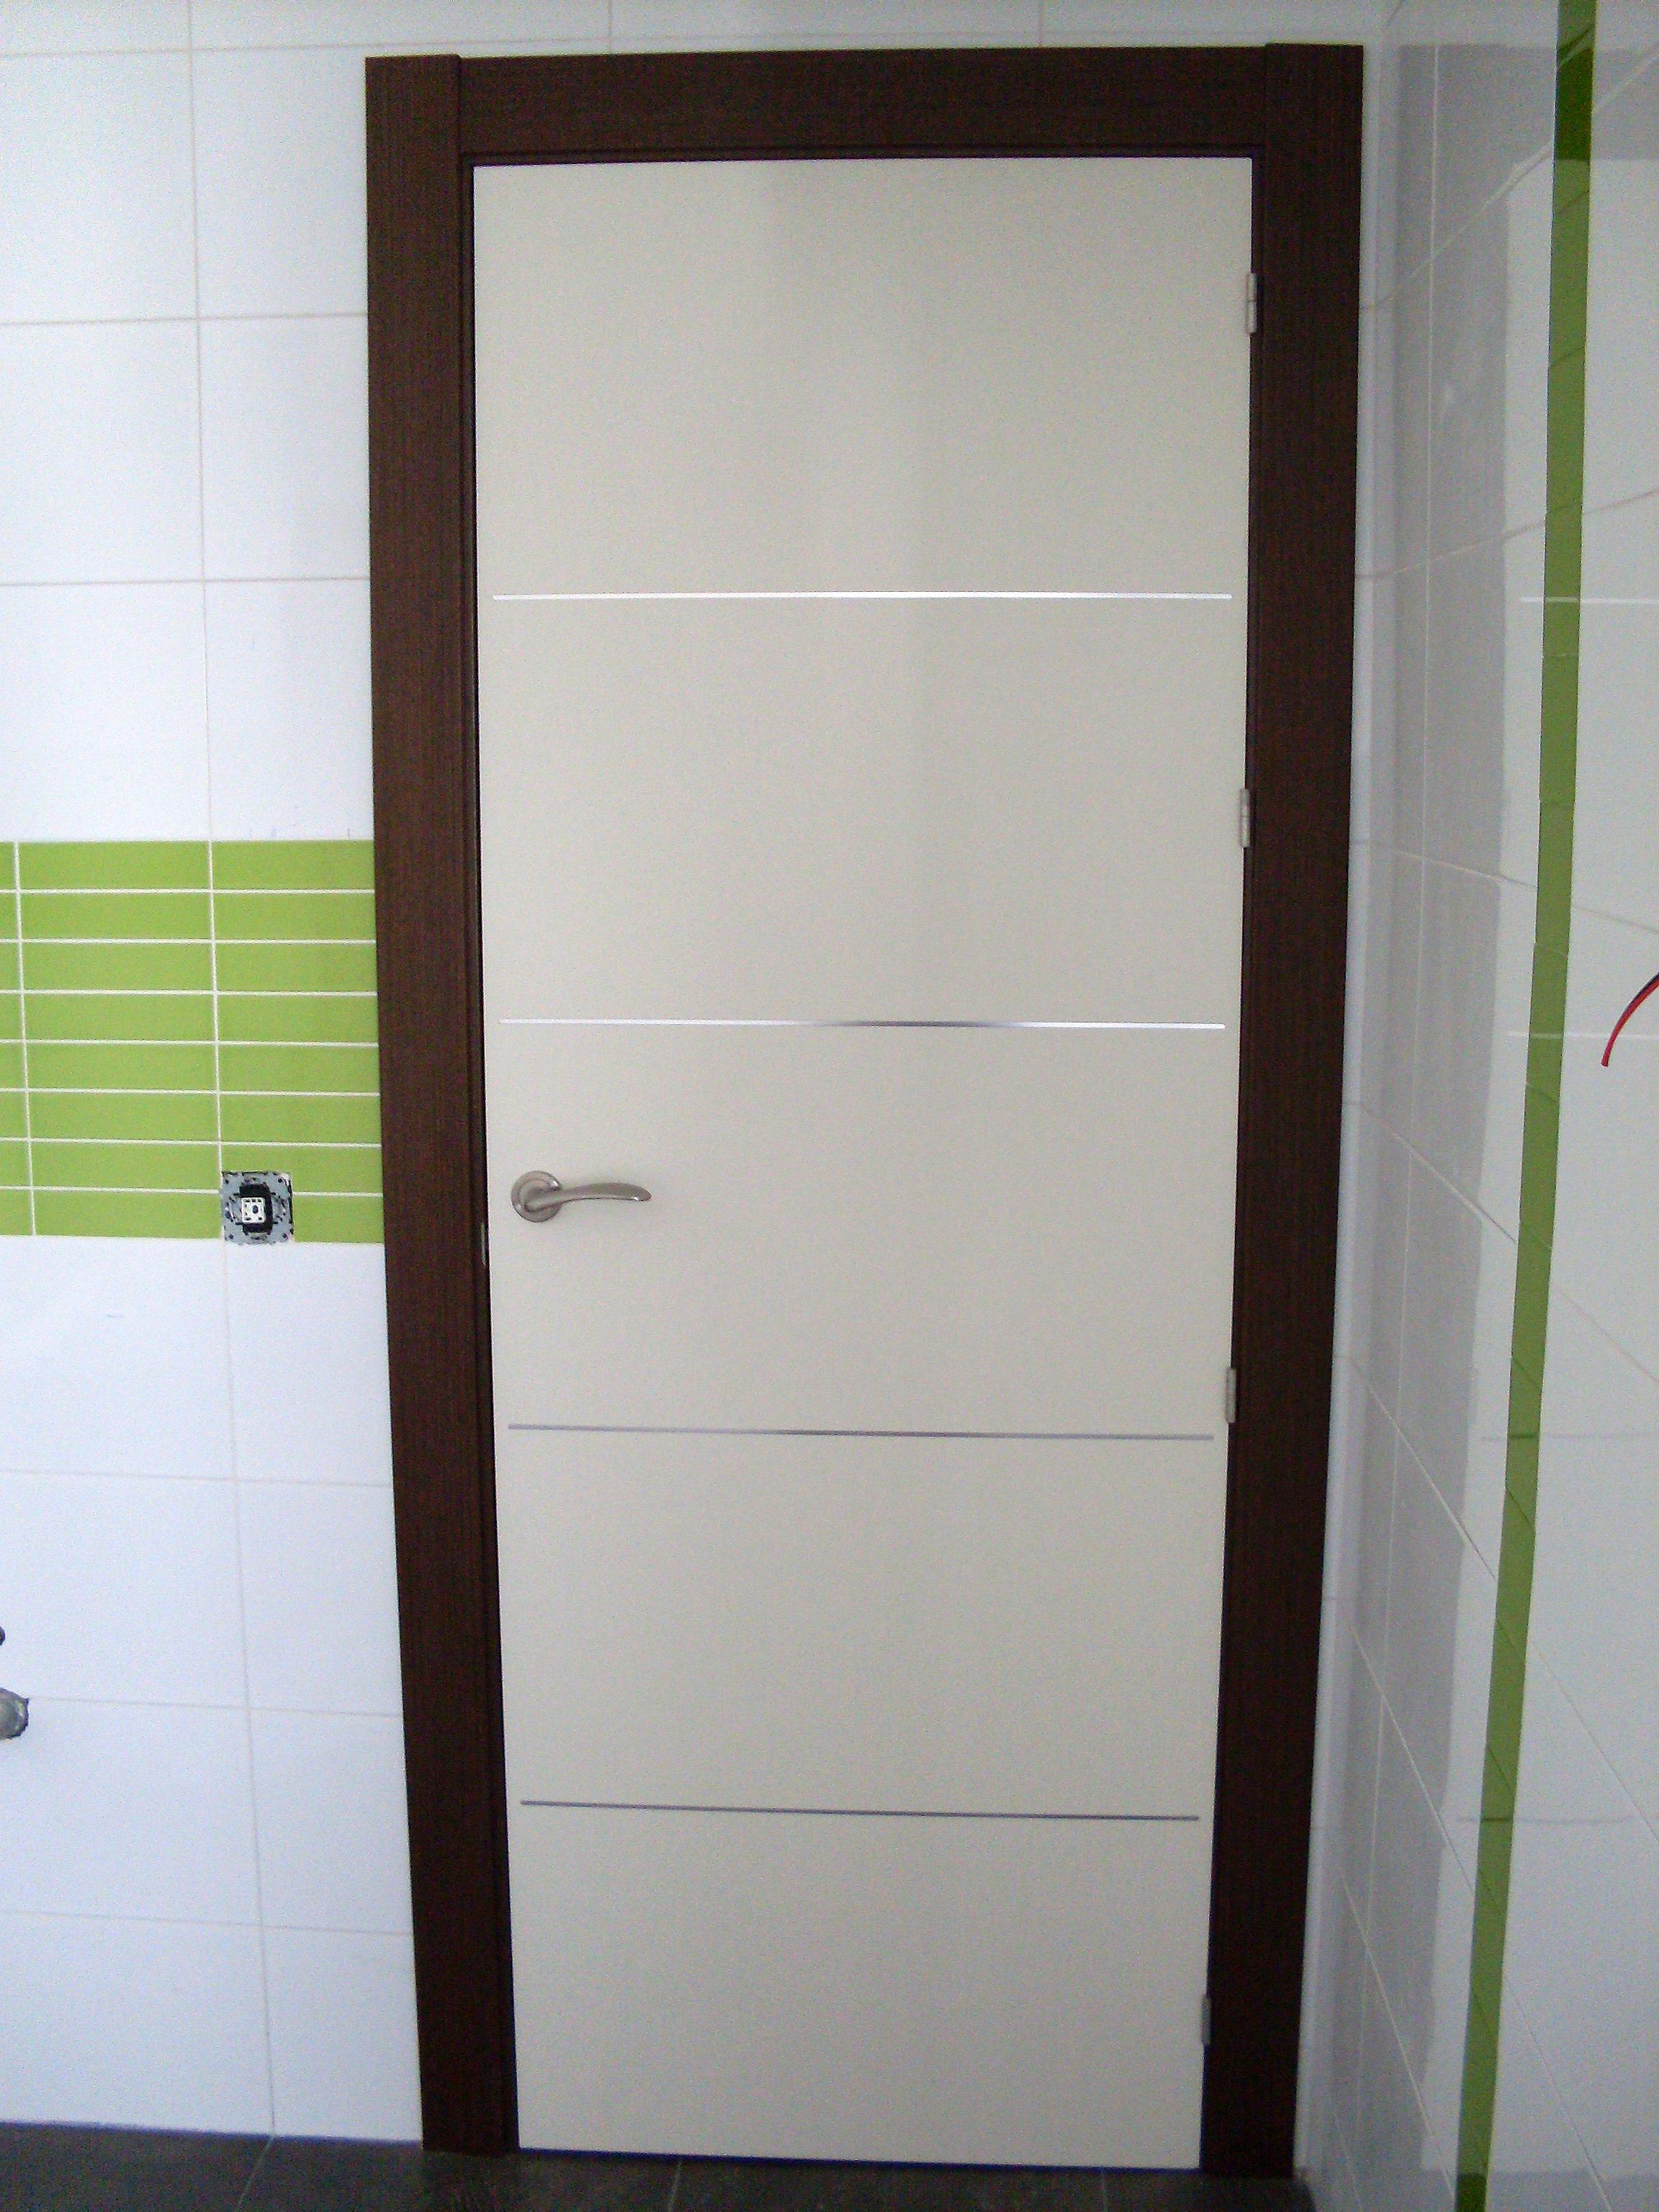 Puertas interior blancas eco mnaco with puertas interior for Oferta puertas blancas interior